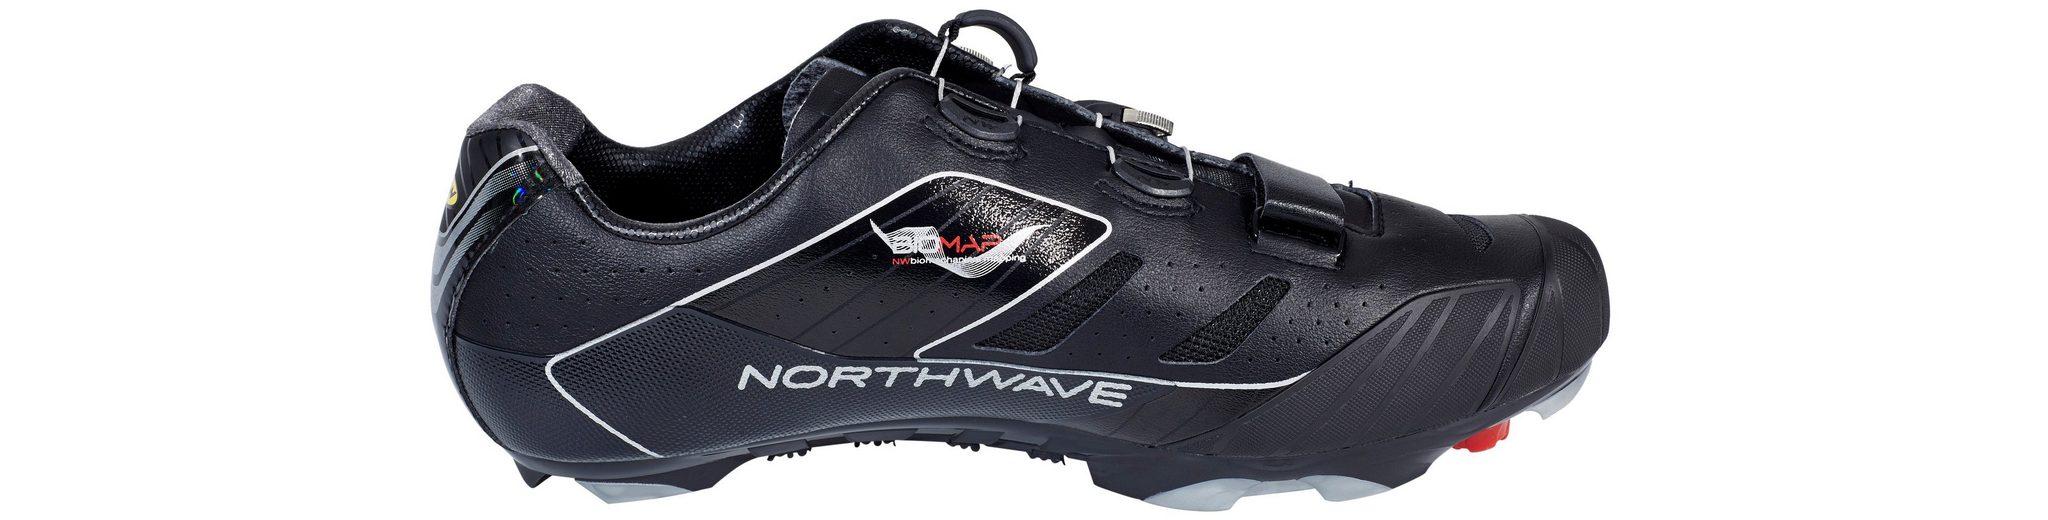 Billig Verkauf Zahlung Mit Visa Northwave Fahrradschuhe Extreme XCM Shoes Men Freies Verschiffen Vermarktbare Speichern Günstigen Preis Steckdose In Deutschland 6SGzy